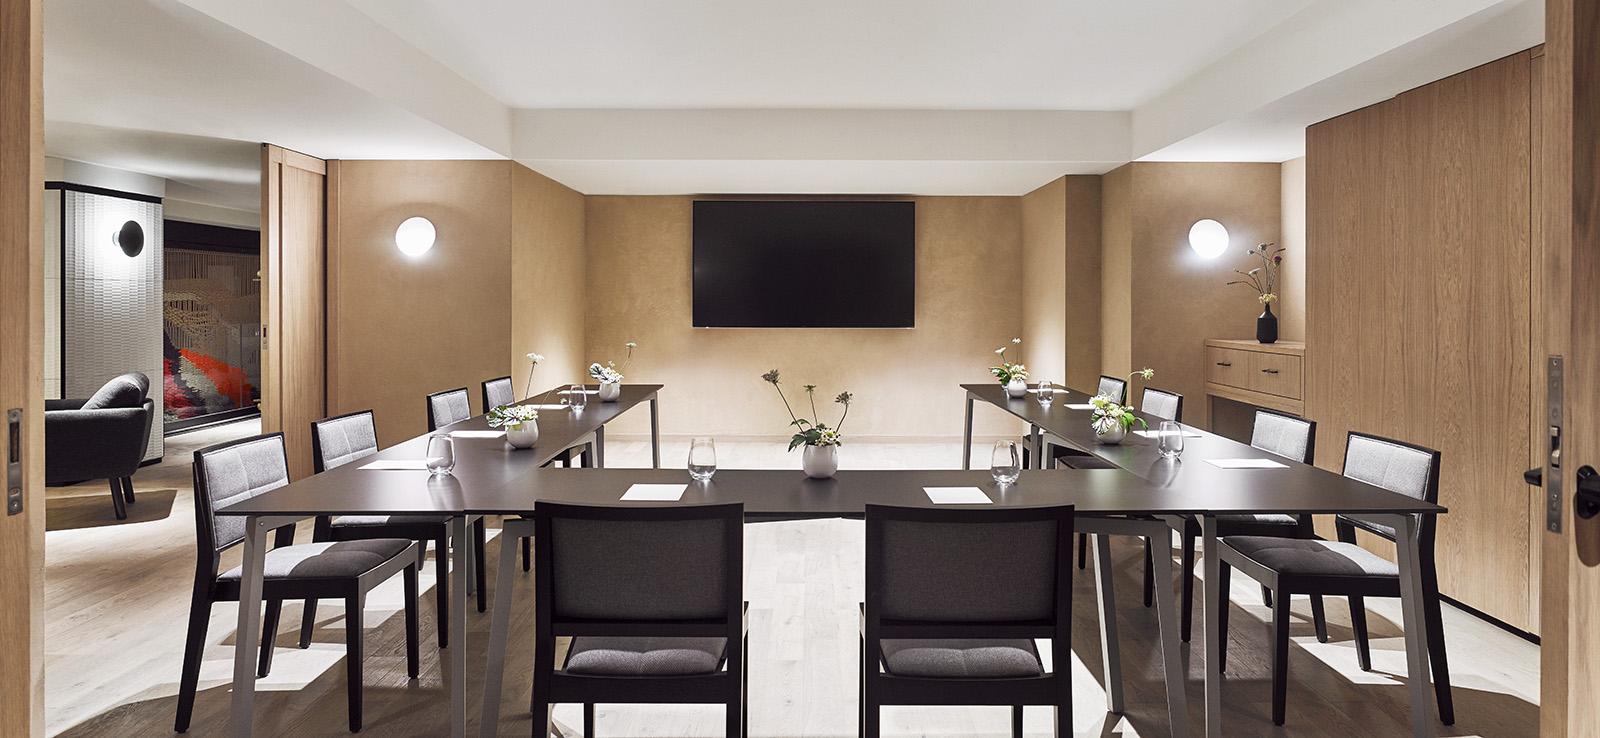 Nobu Hotel Barcelona Taiyo Meeting Room